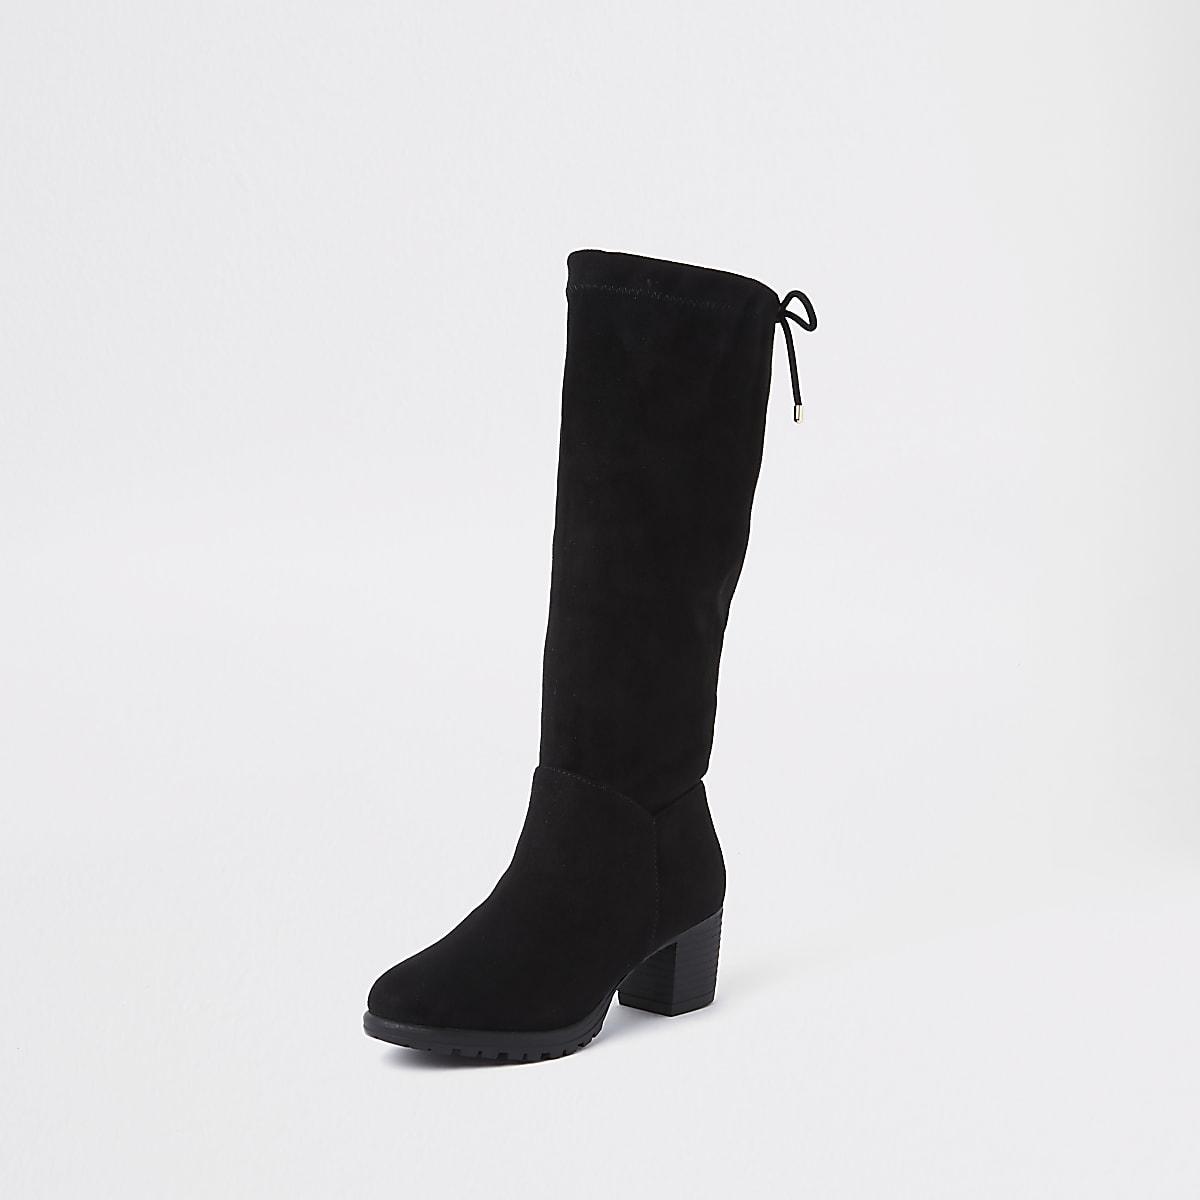 5a63e8c96a5 Girls black knee high chunky block heel boots - Boots - Footwear - girls